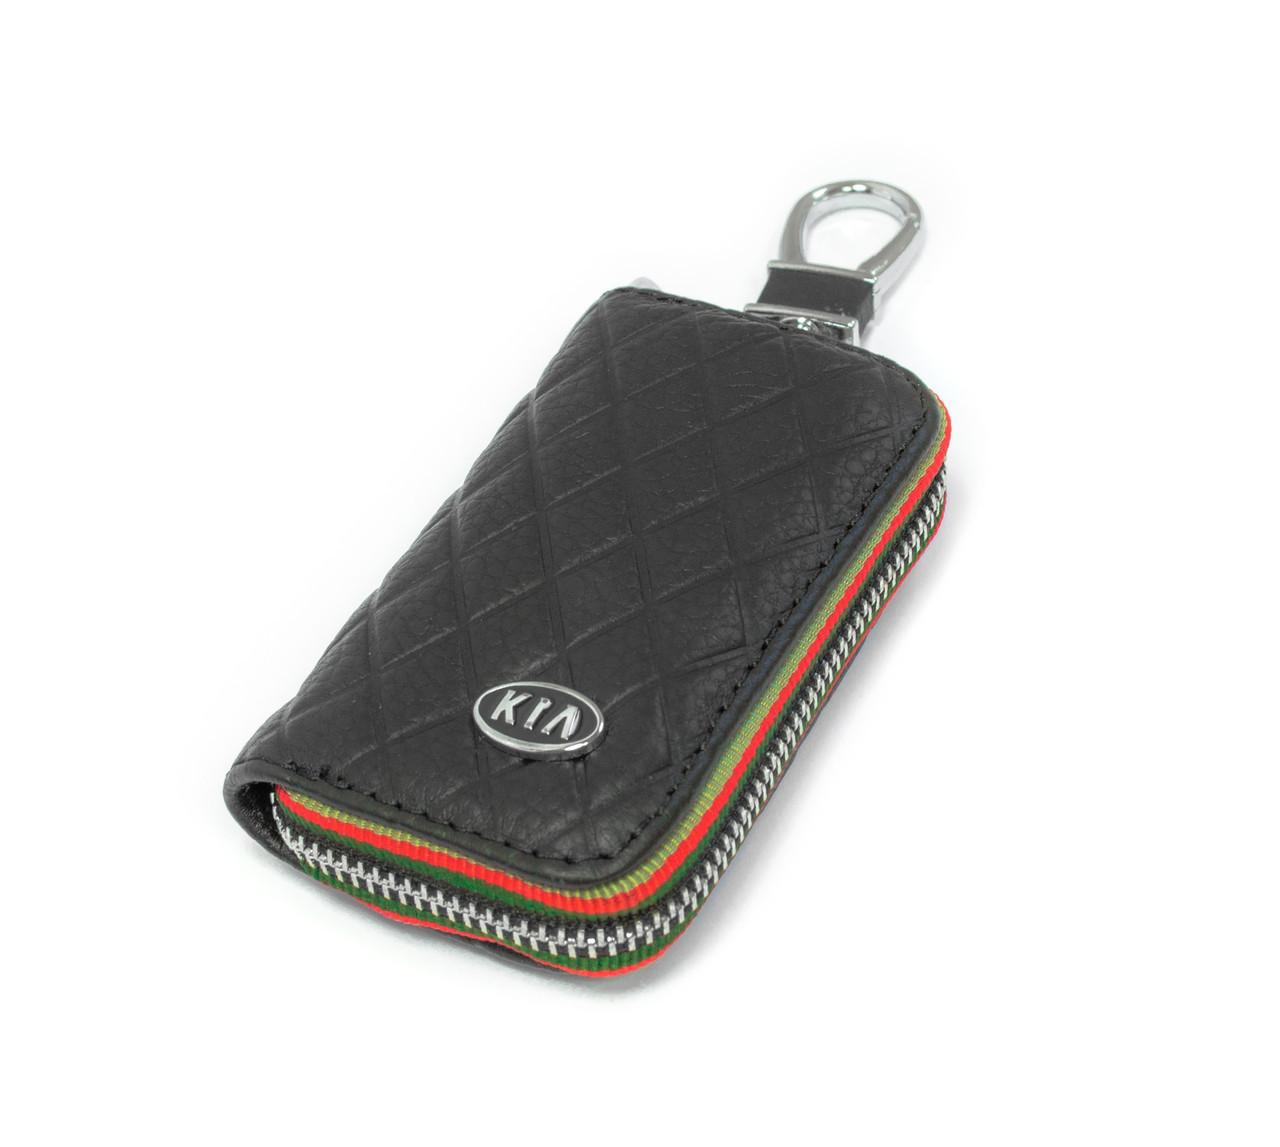 Ключница Carss с логотипом KIA 05009 черная